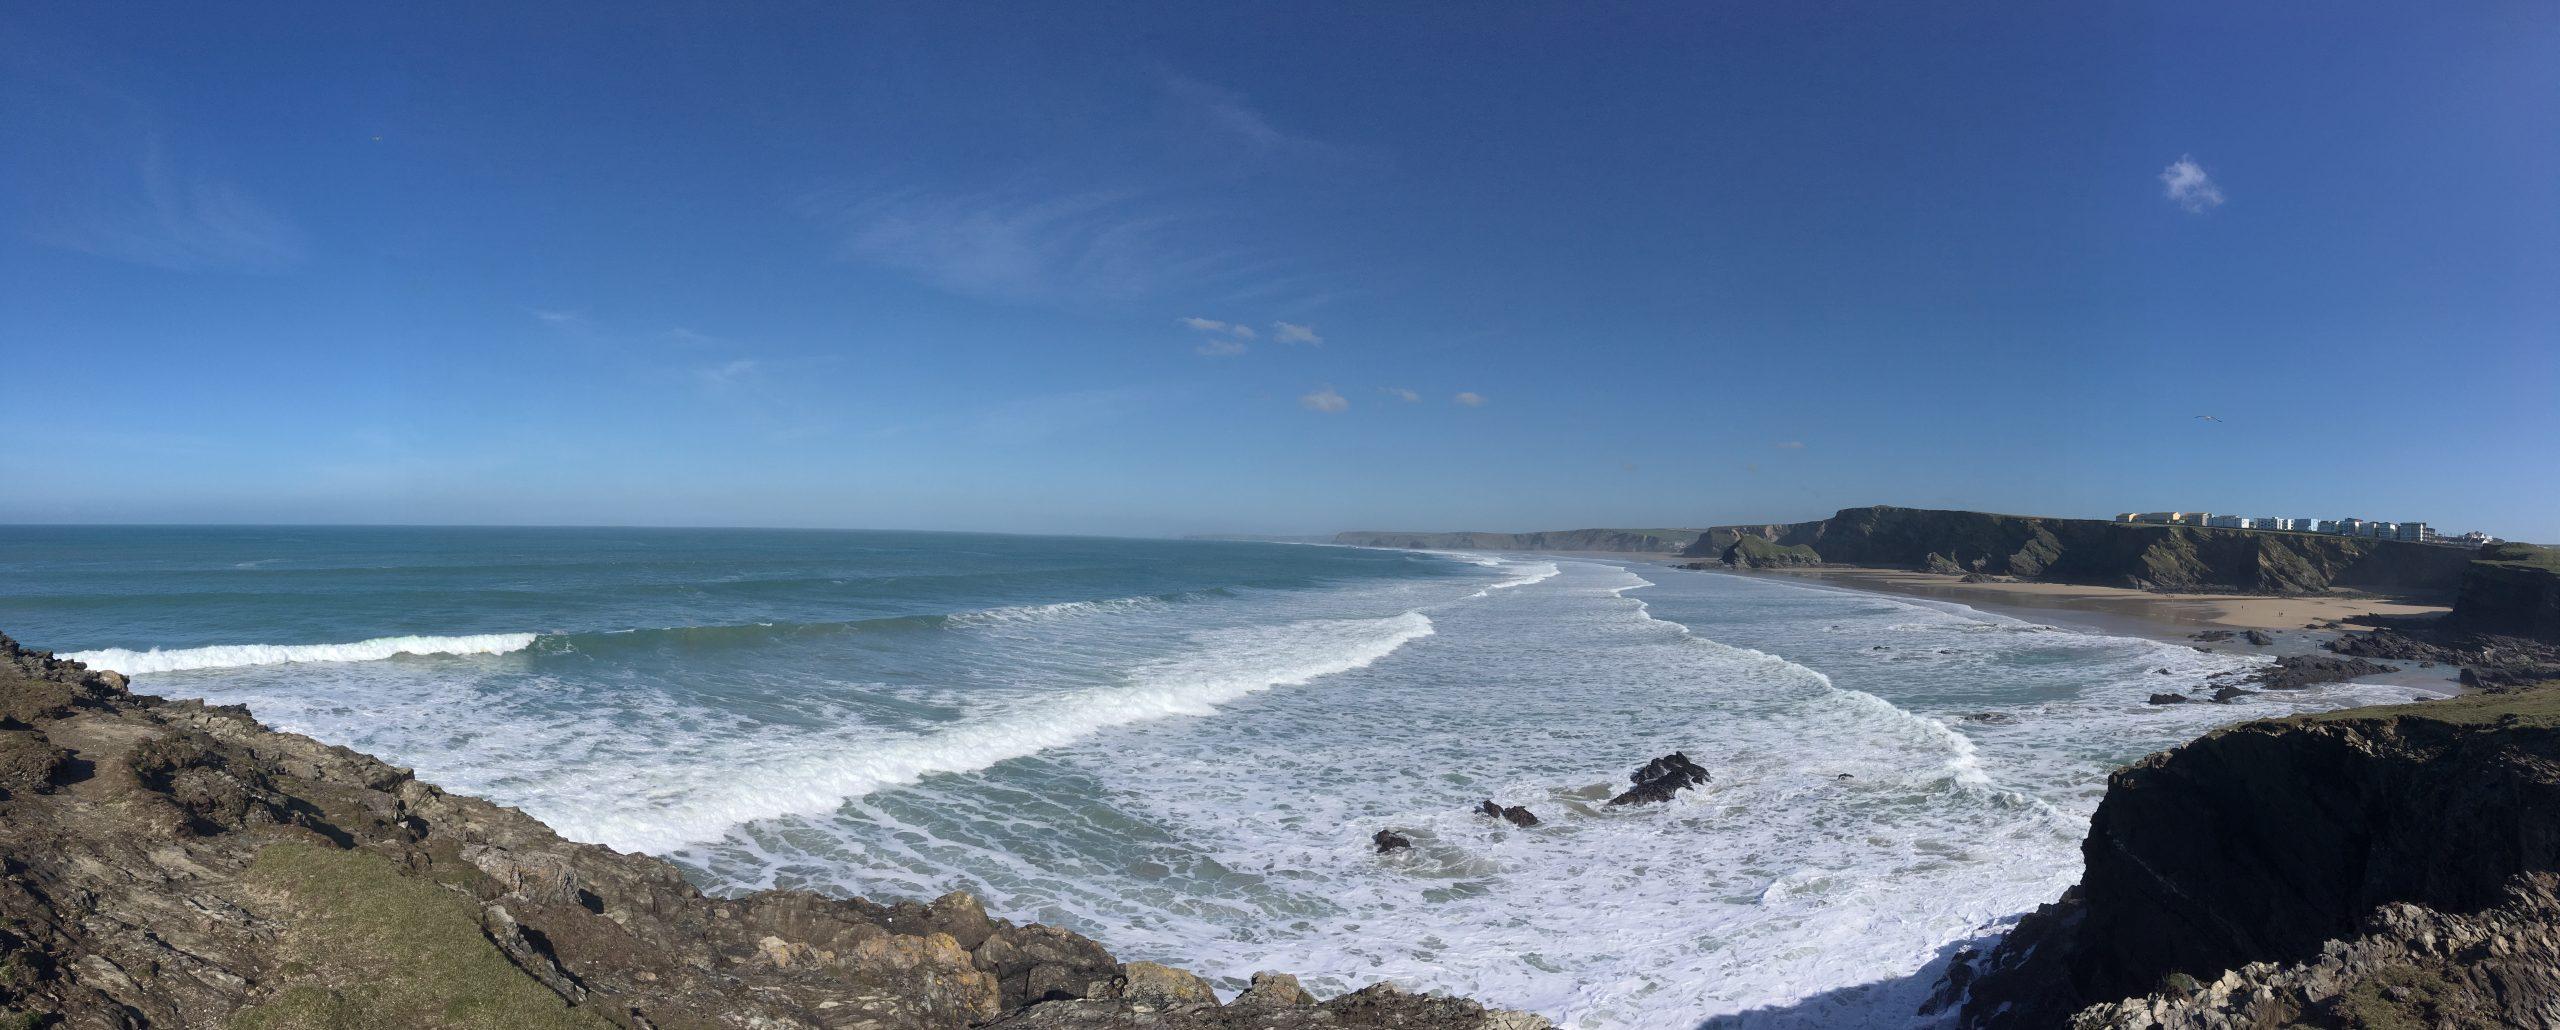 February sunshine on the Cornish coast